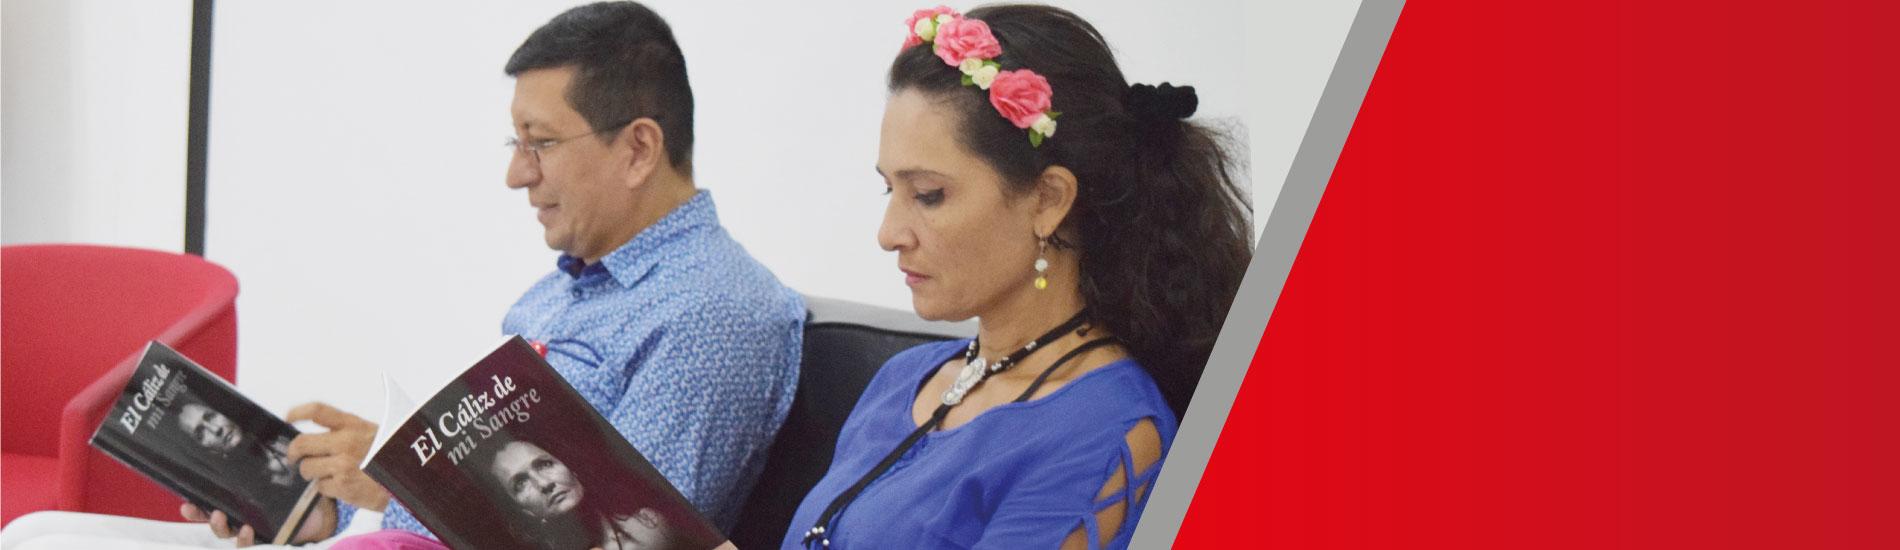 """Poemas de paz, perdón y reconciliación en el libro """"Cáliz de mi Sangre"""" presentado en la UFPS"""